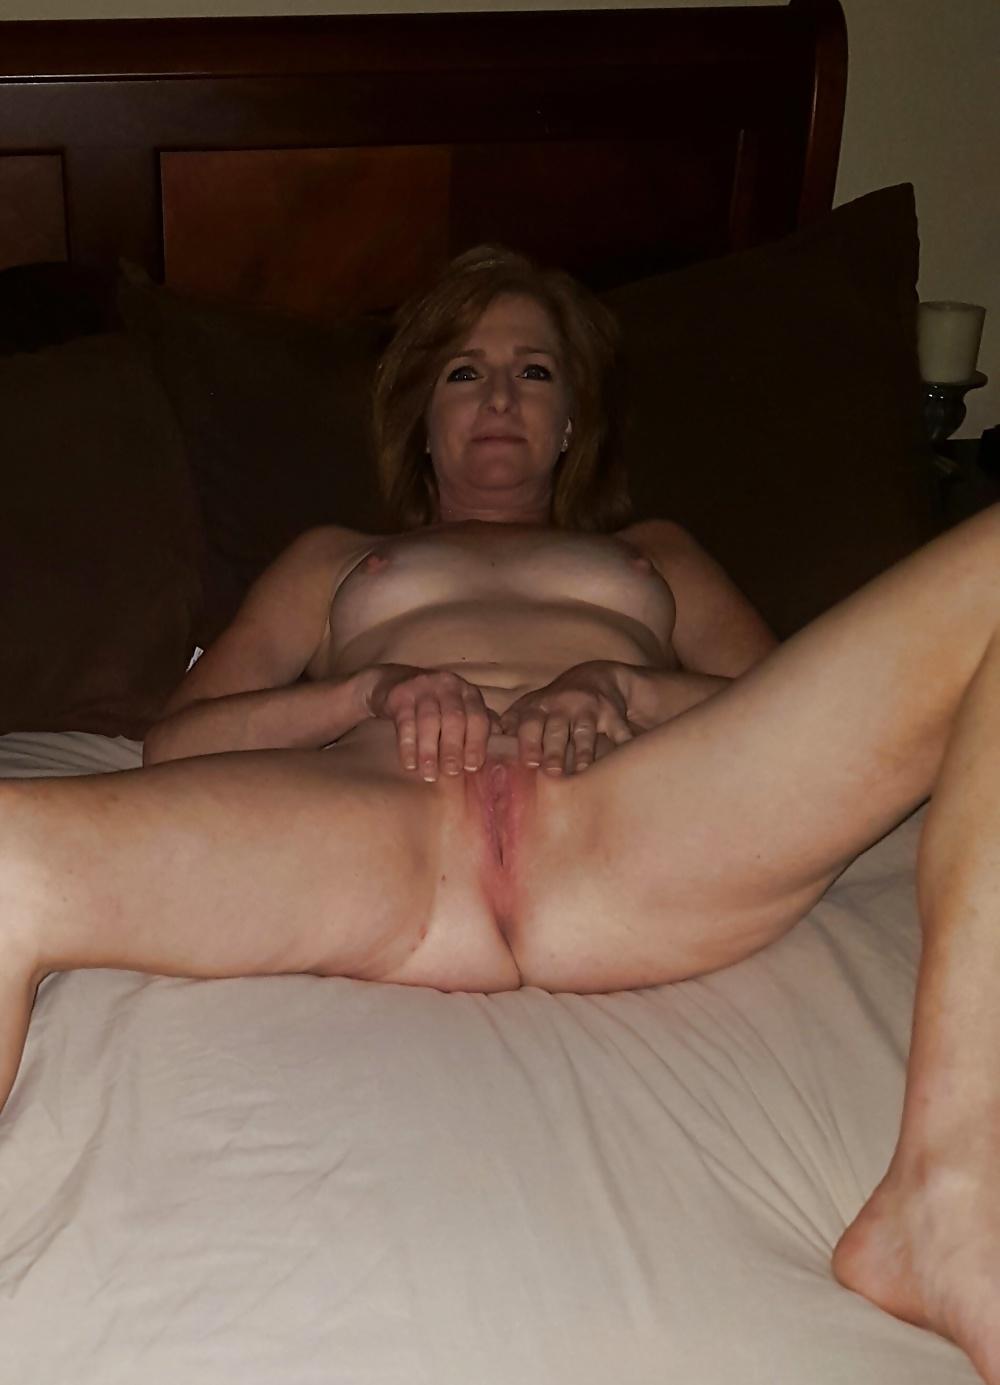 Erotische Mature Blonde in kostenlos Fotos - Bild 4